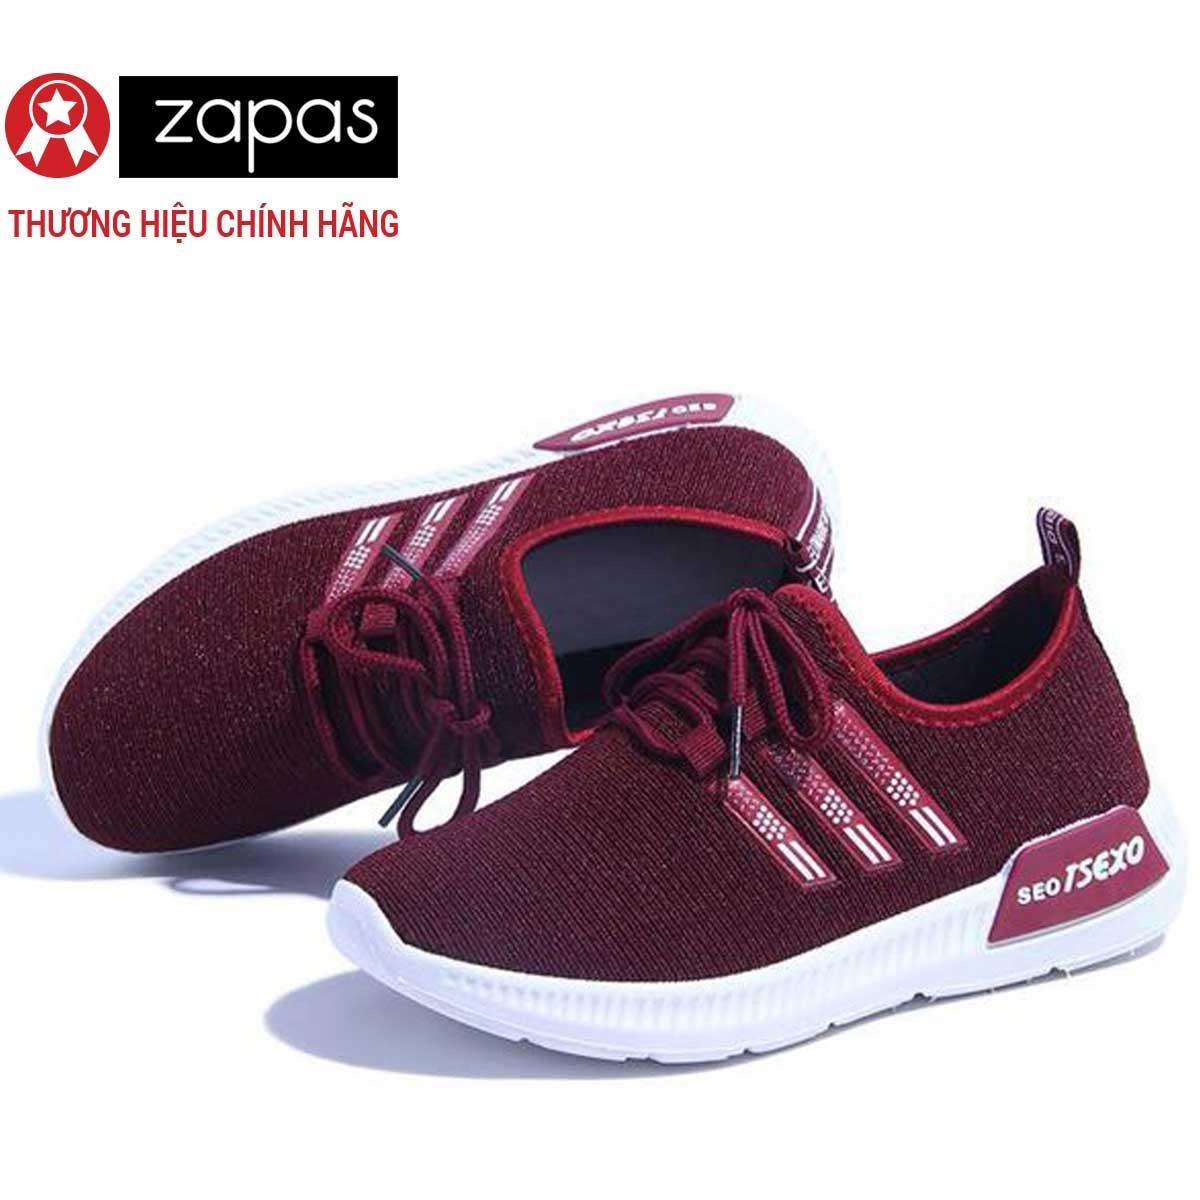 Hình ảnh Giày Sneaker Nữ Thời Trang Zapas - GN036 (Đen)